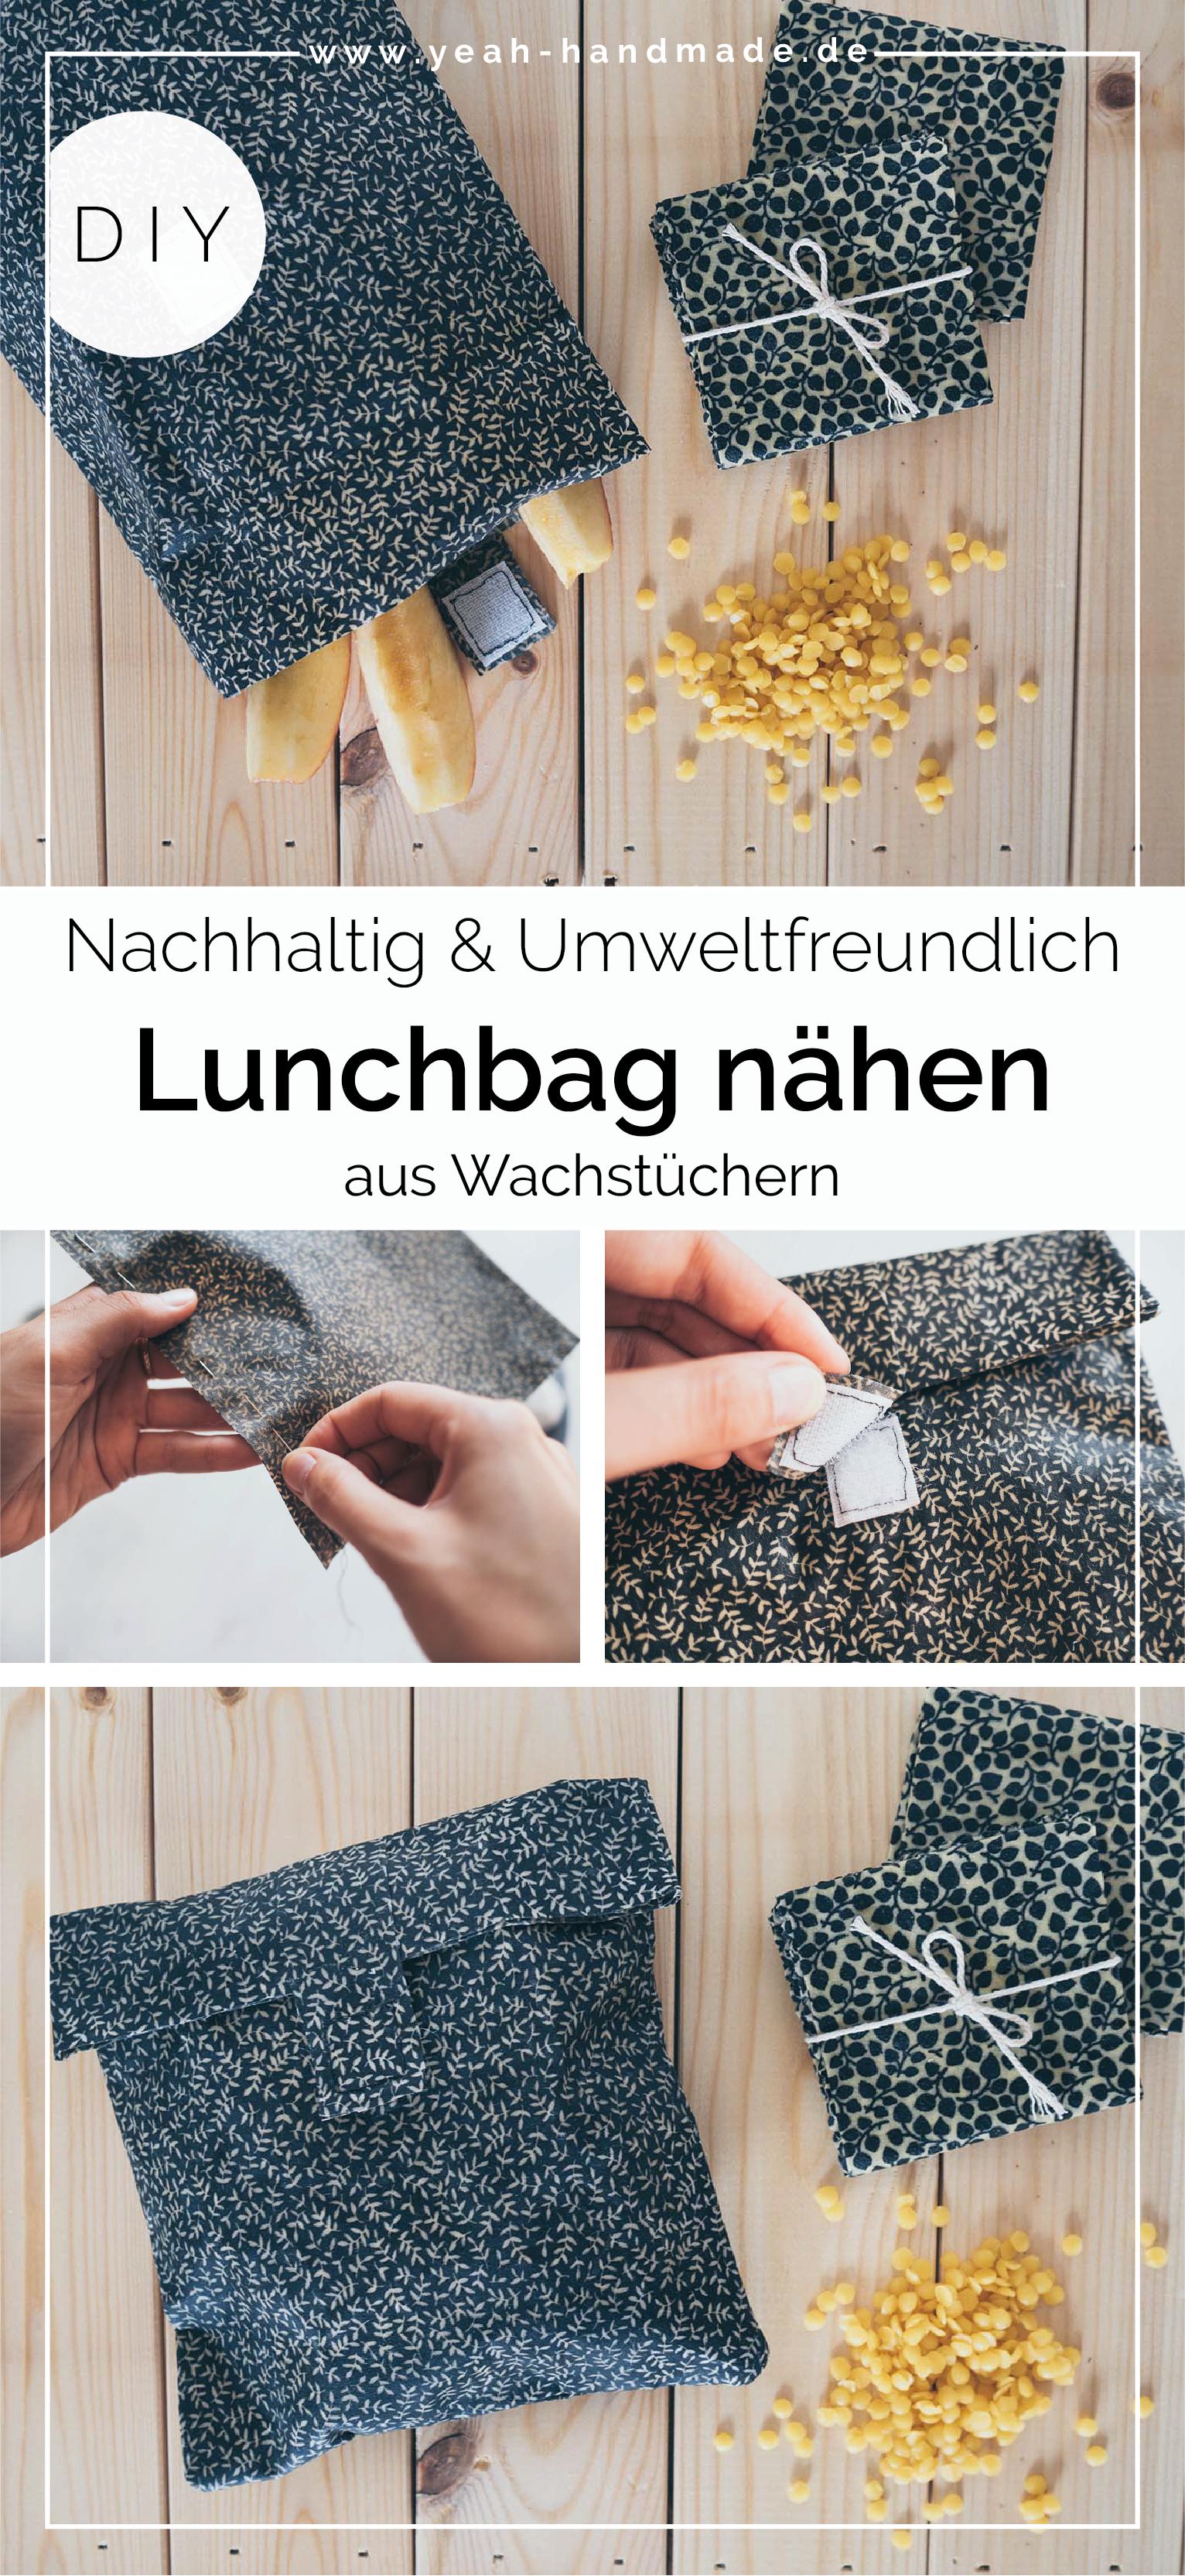 Sac à lunch à coudre bricolage en toile cirée avec velcro   – Yeah Handmade DIY Projekte | Basteln und Selbermachen